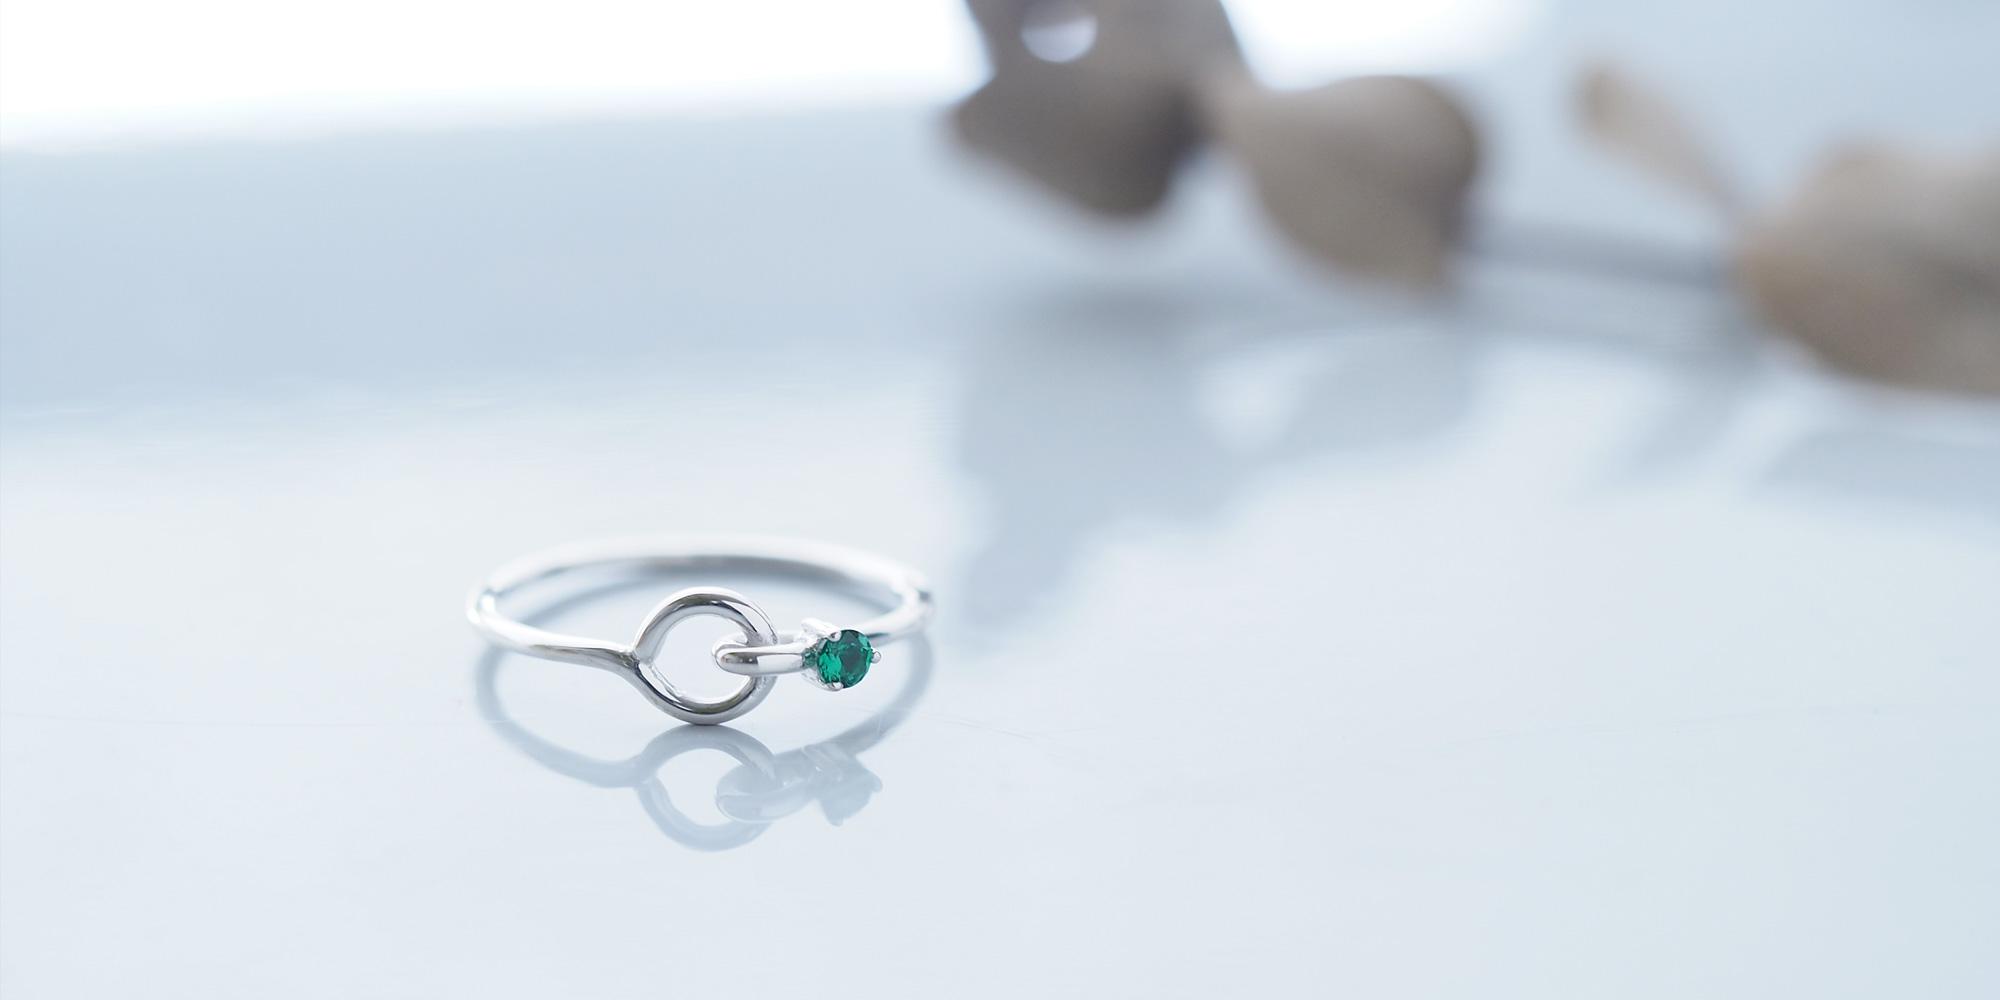 Emerald stone ワイヤー リング シルバー925